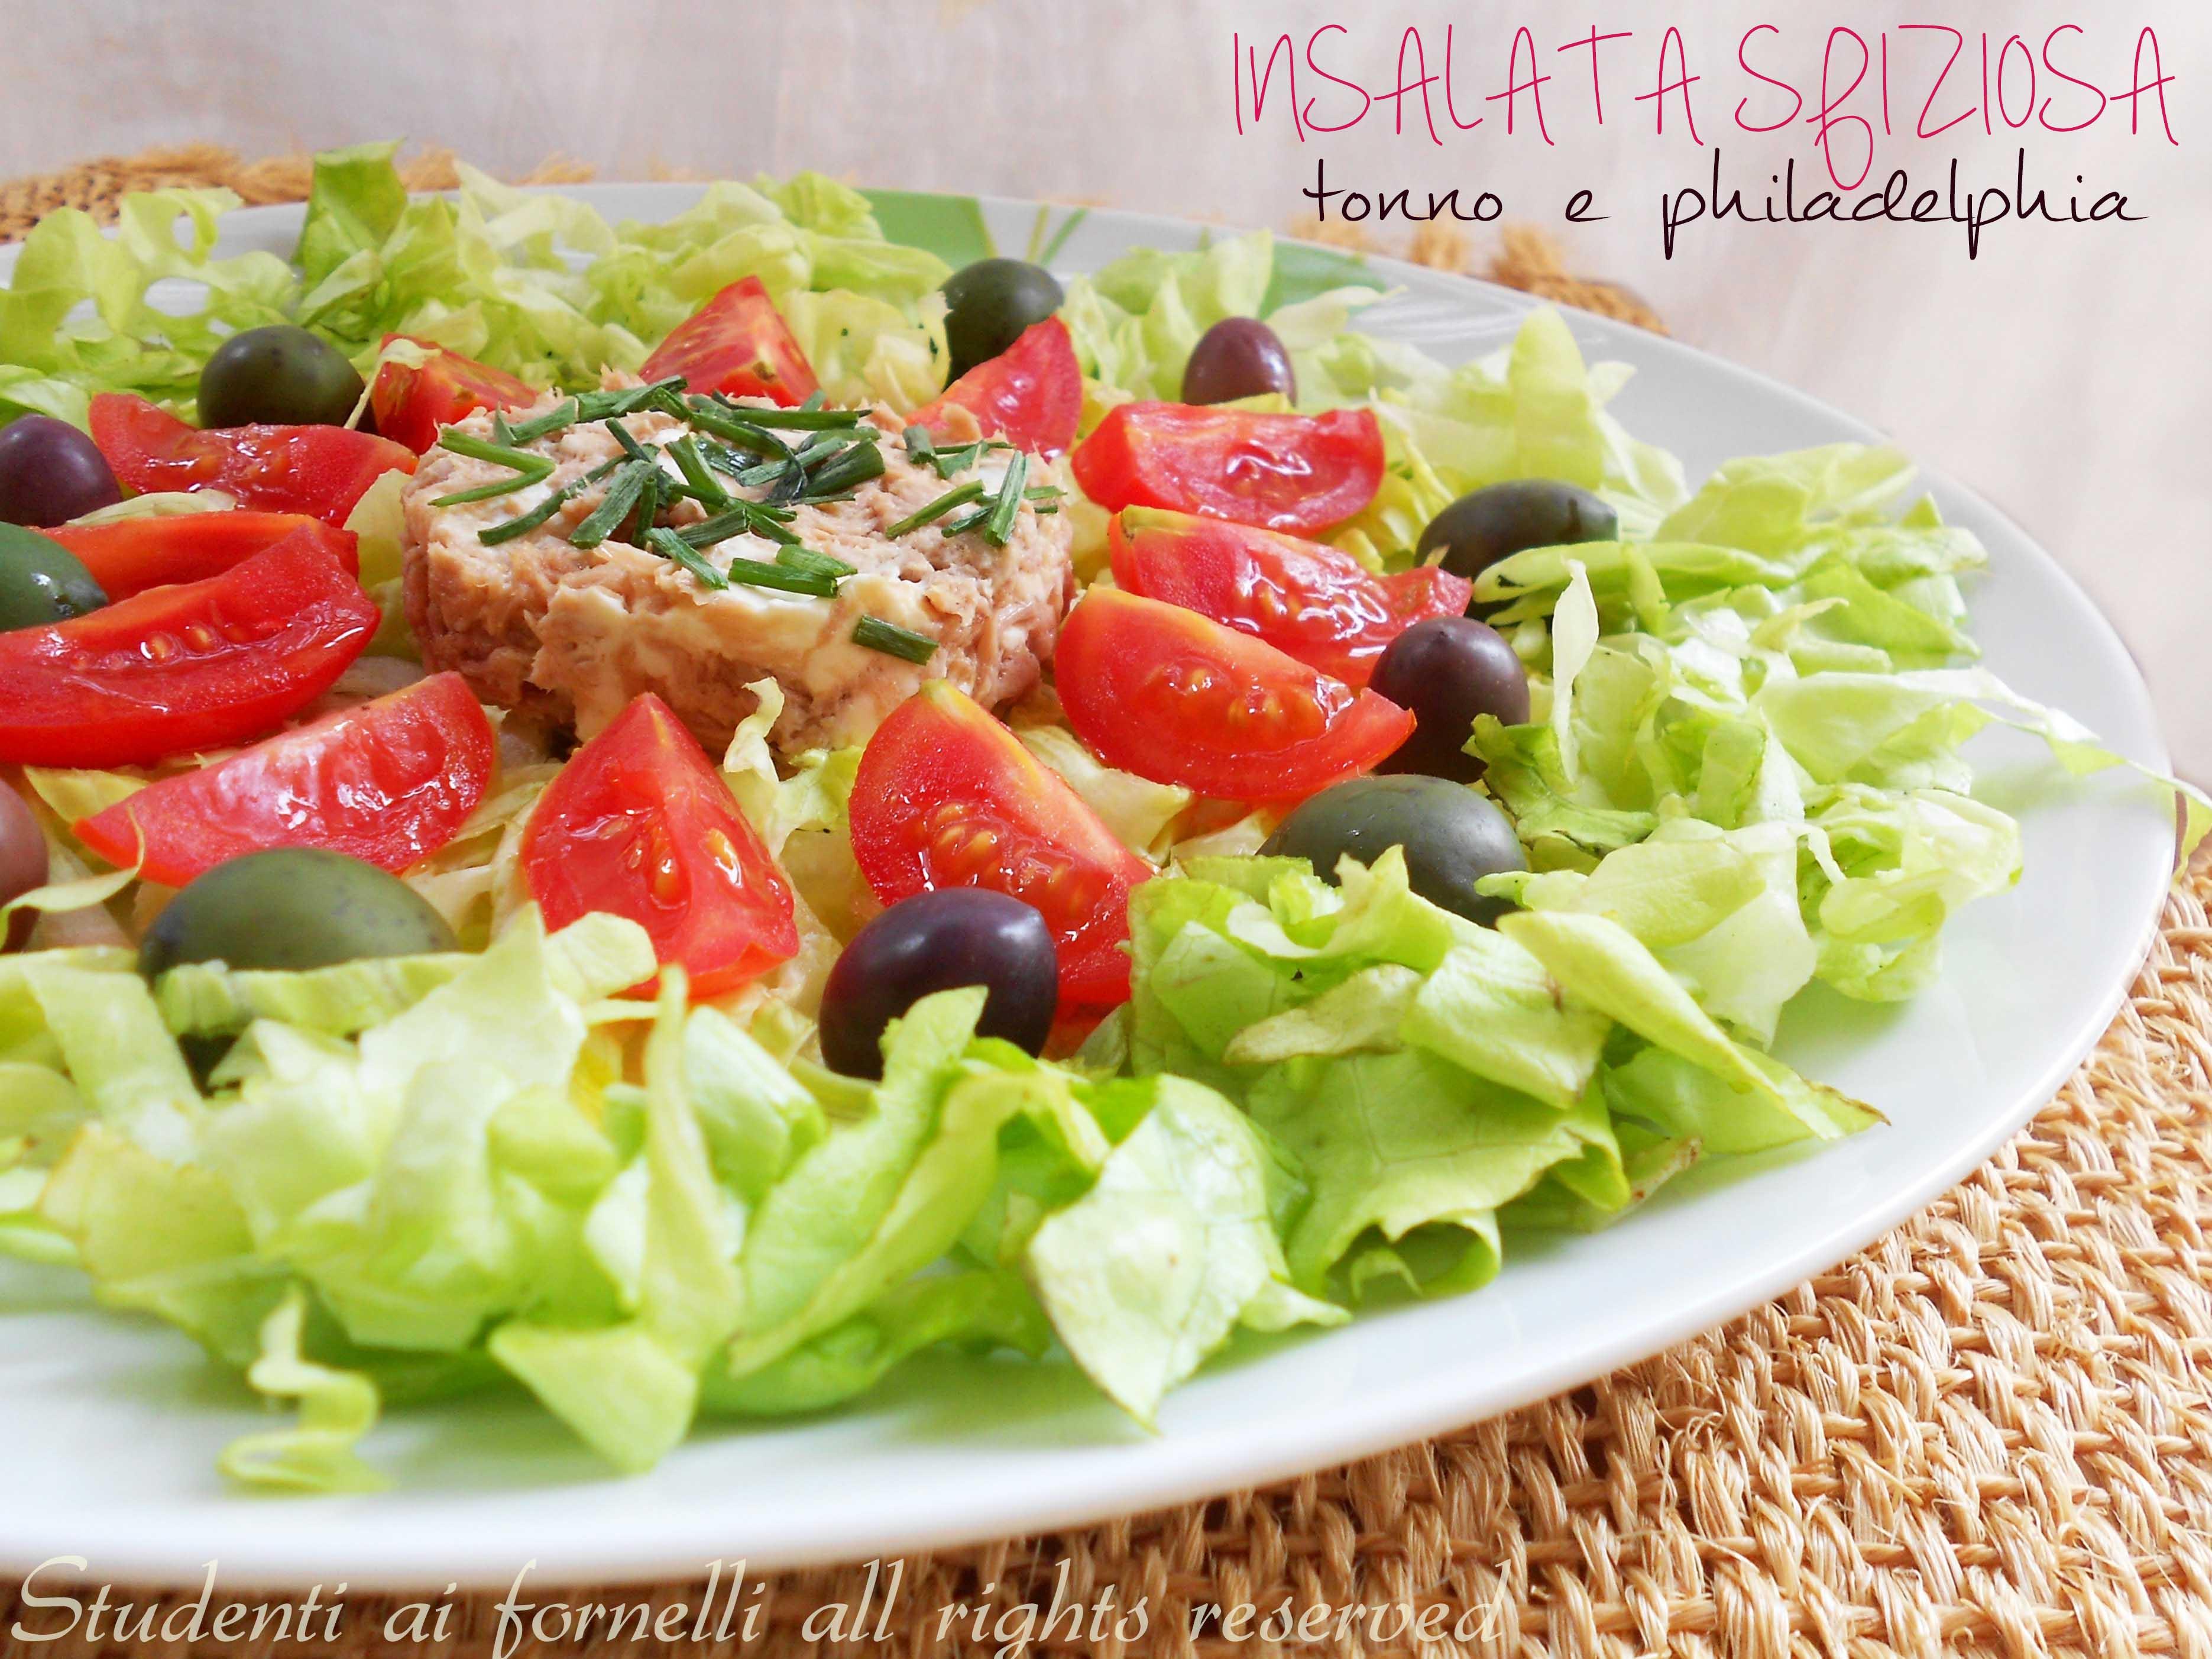 Ricerca ricette con insalate sfiziose for Ricette insalate